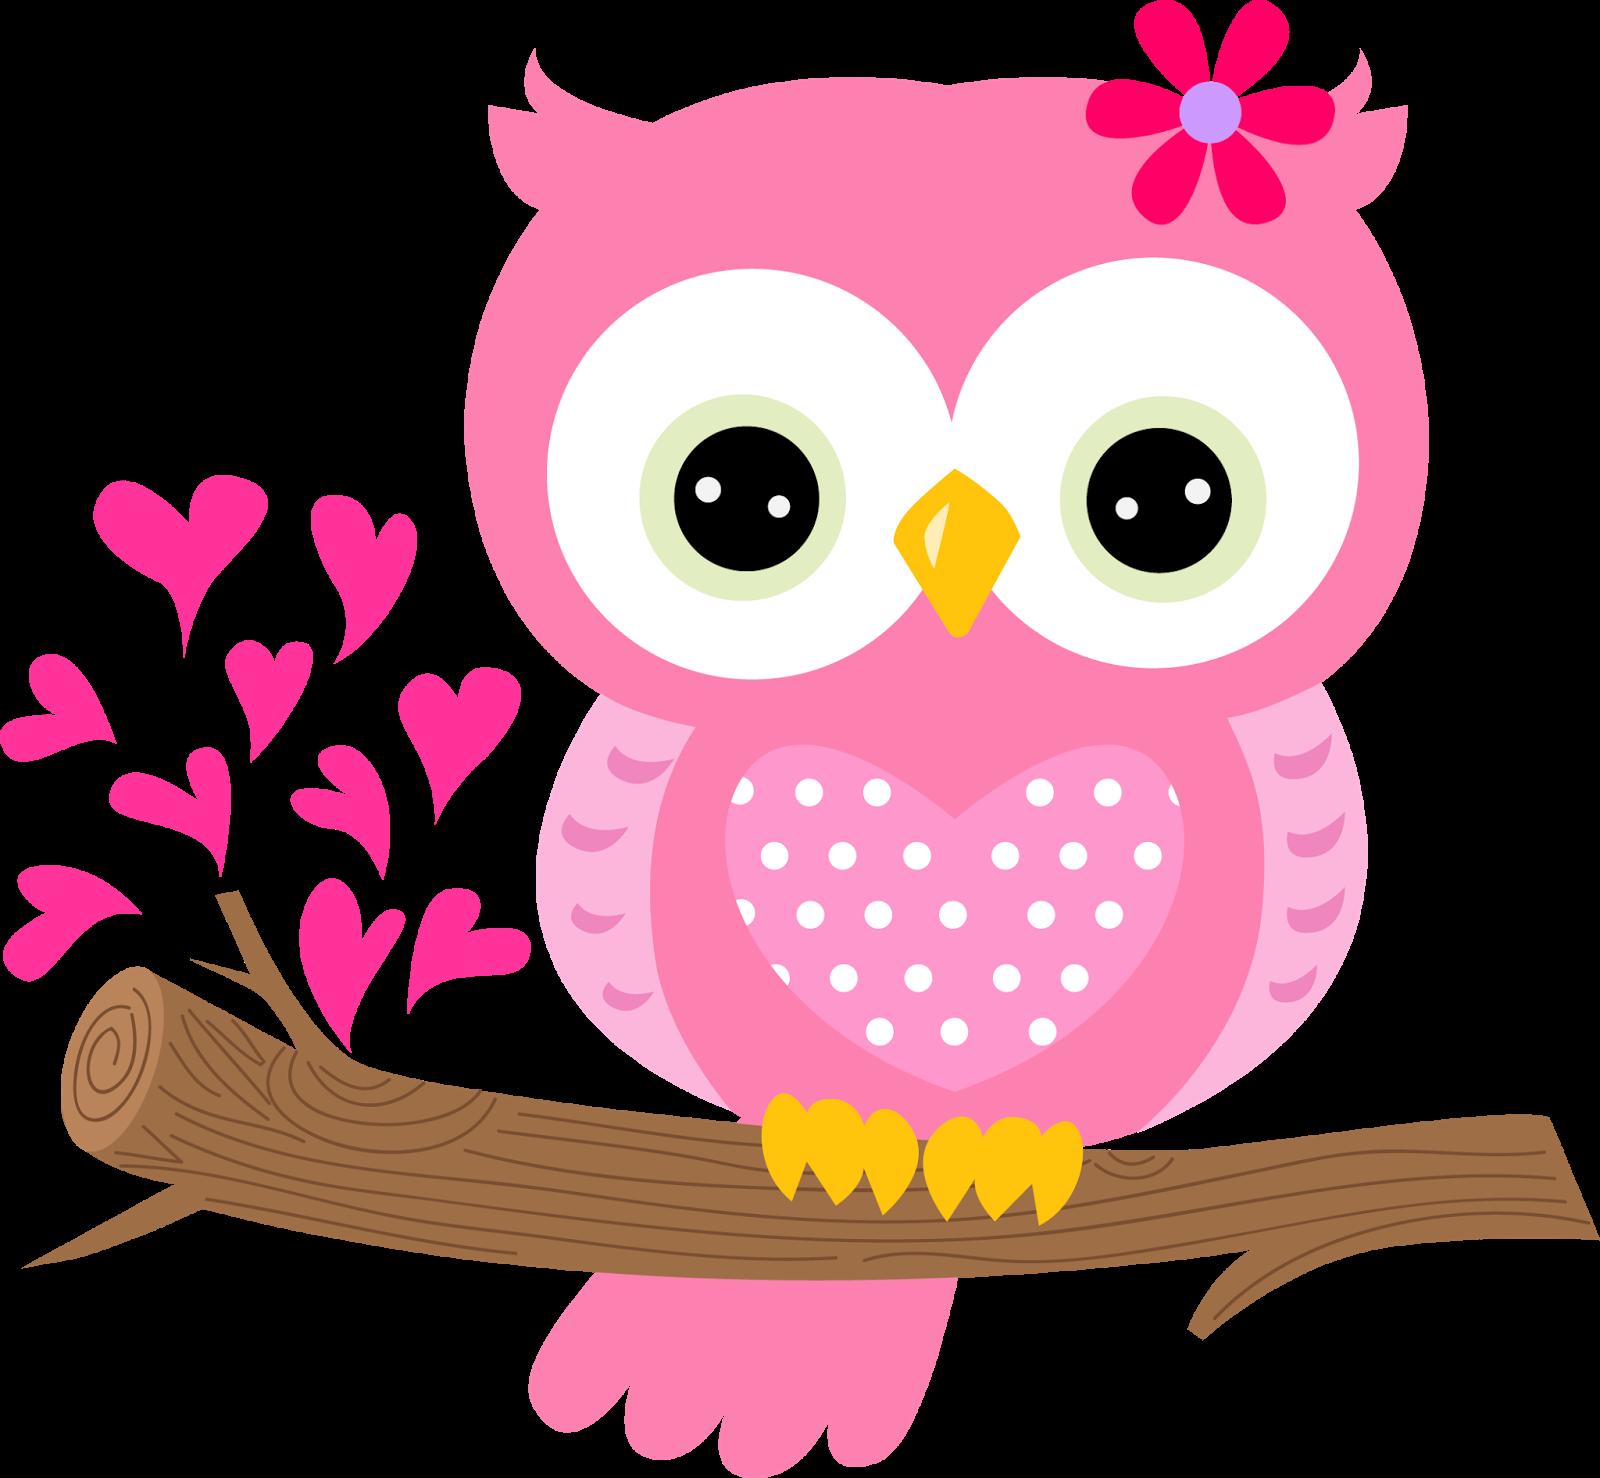 owl clip art pinterest - photo #12